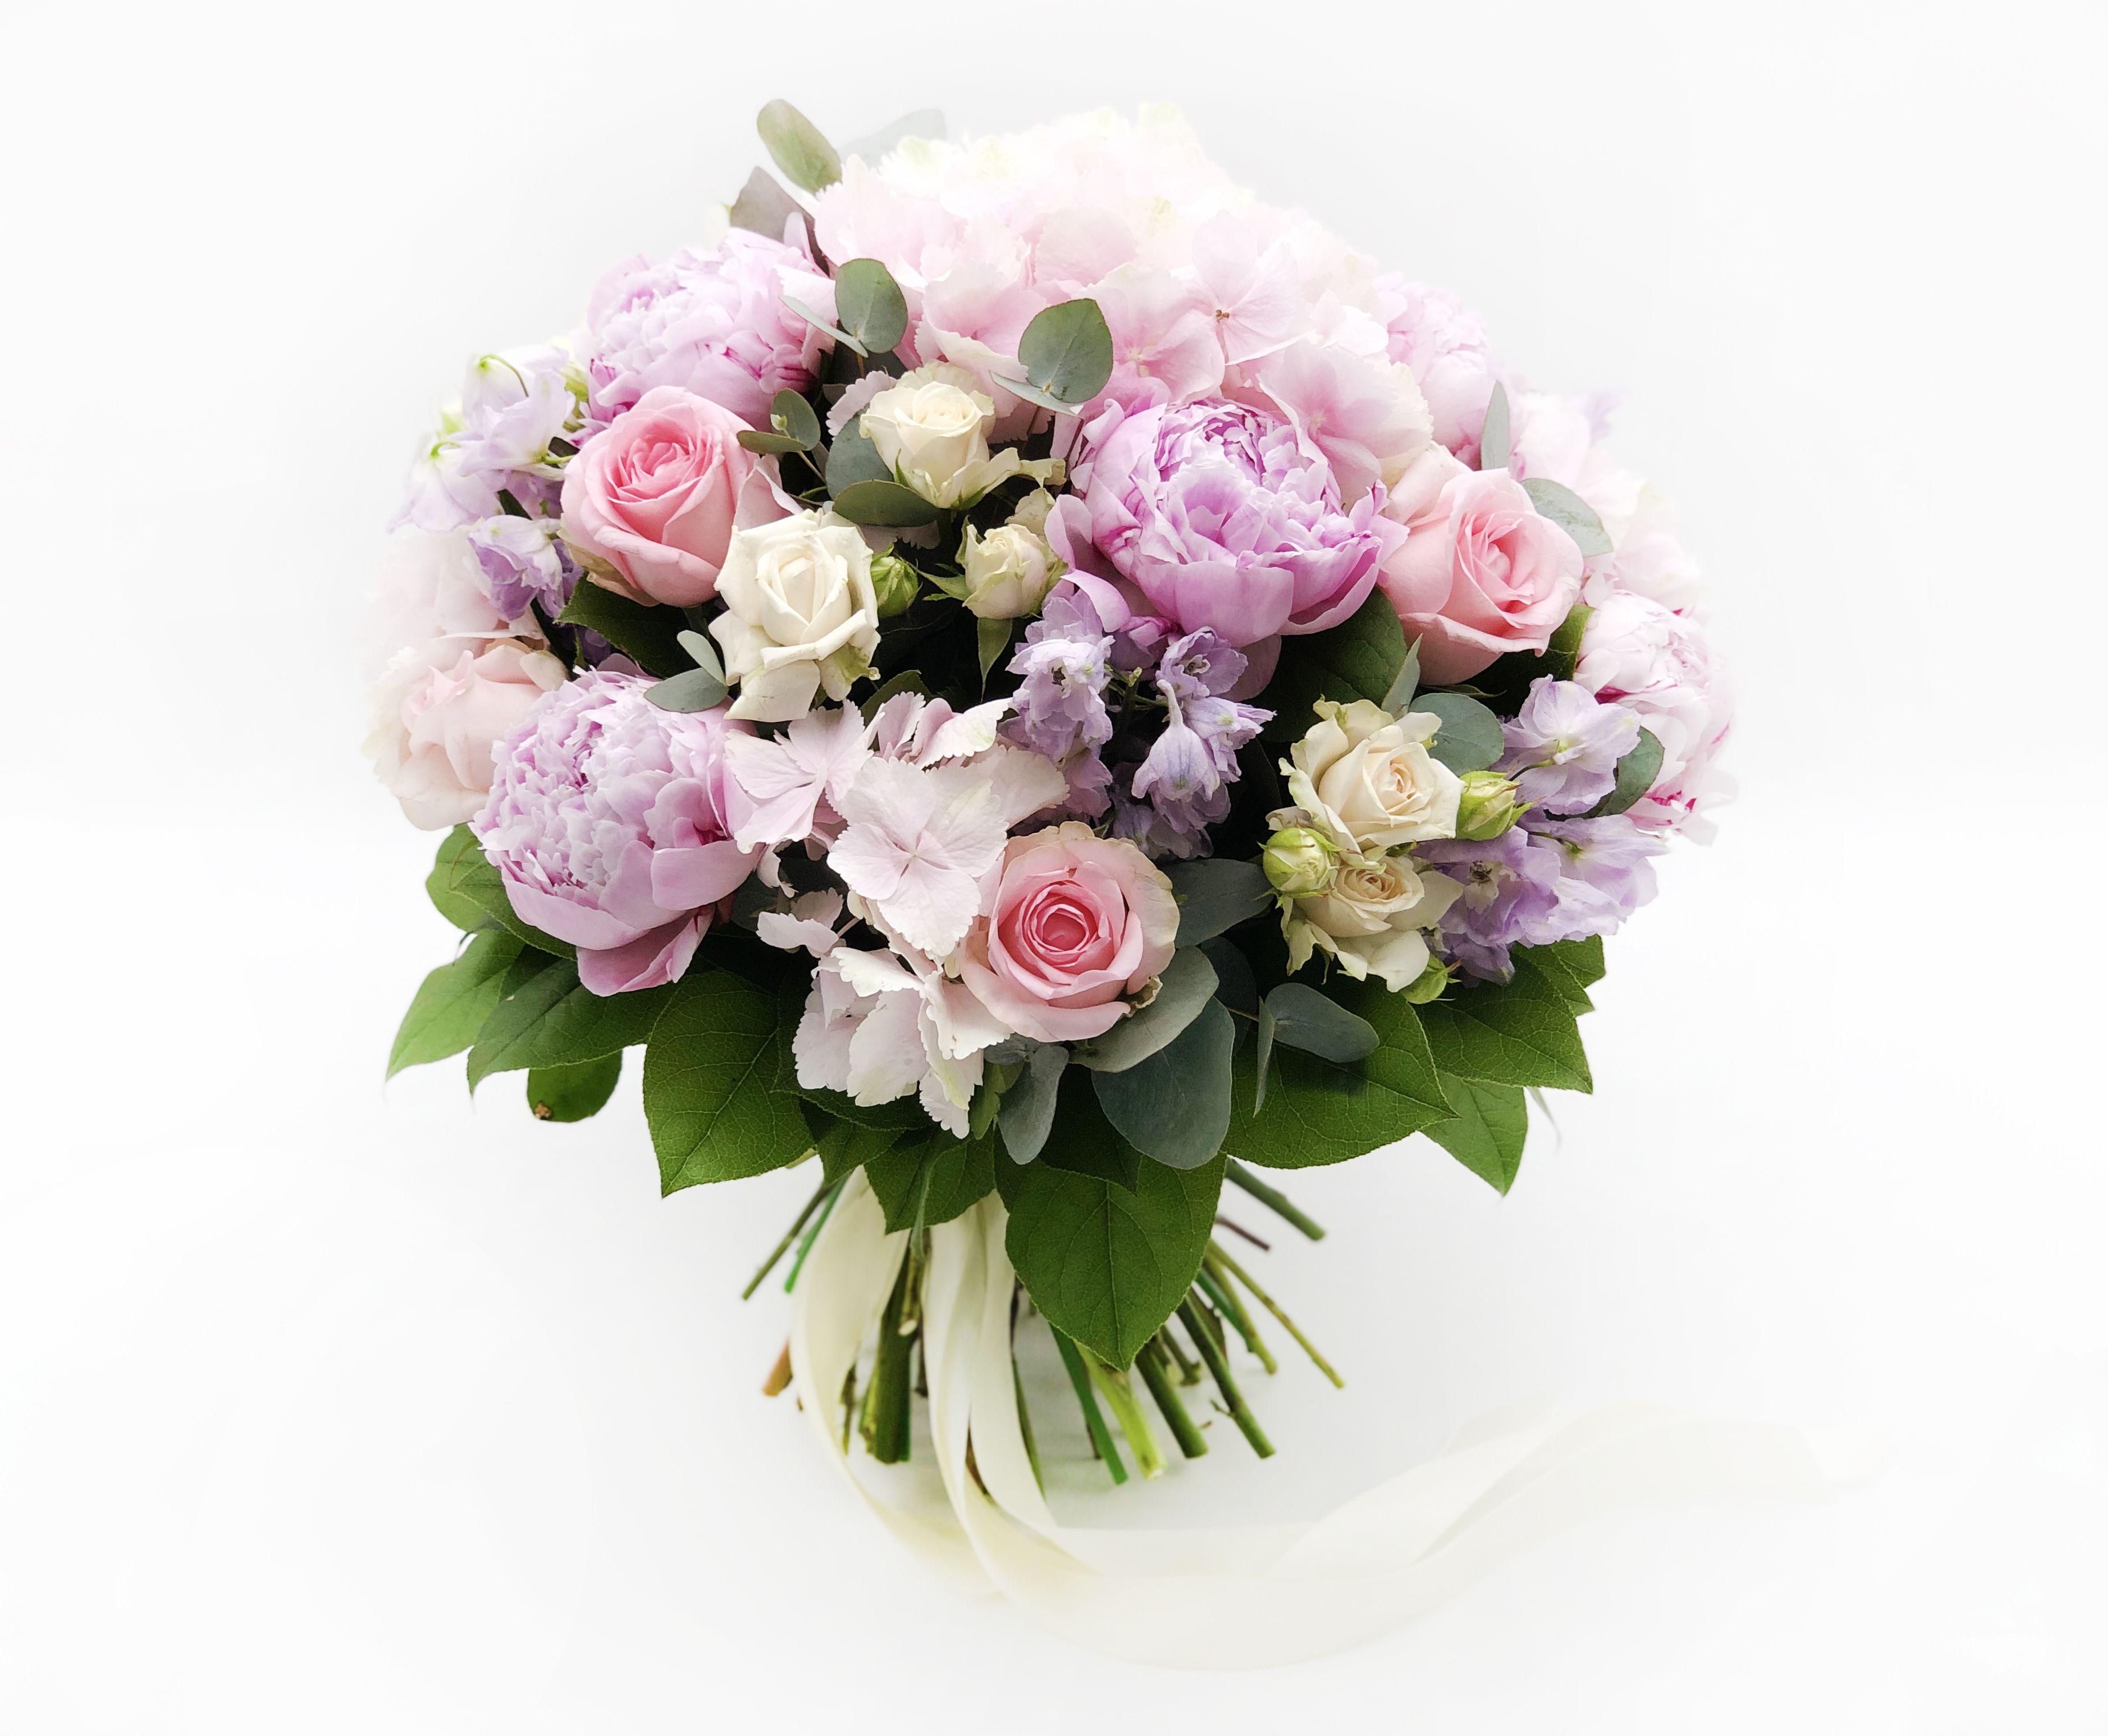 Купить букет пионы и розы, фантазия новогодний букет